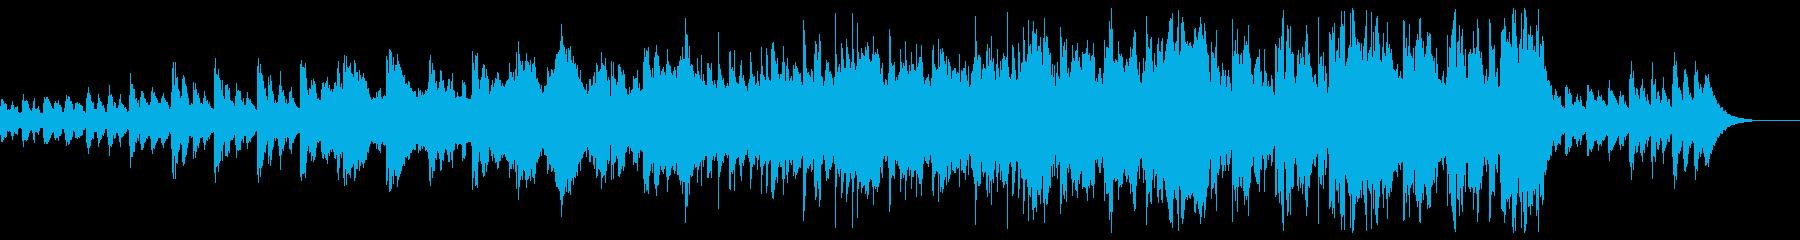 ホラー的で不気味な旋律のメロディーの再生済みの波形